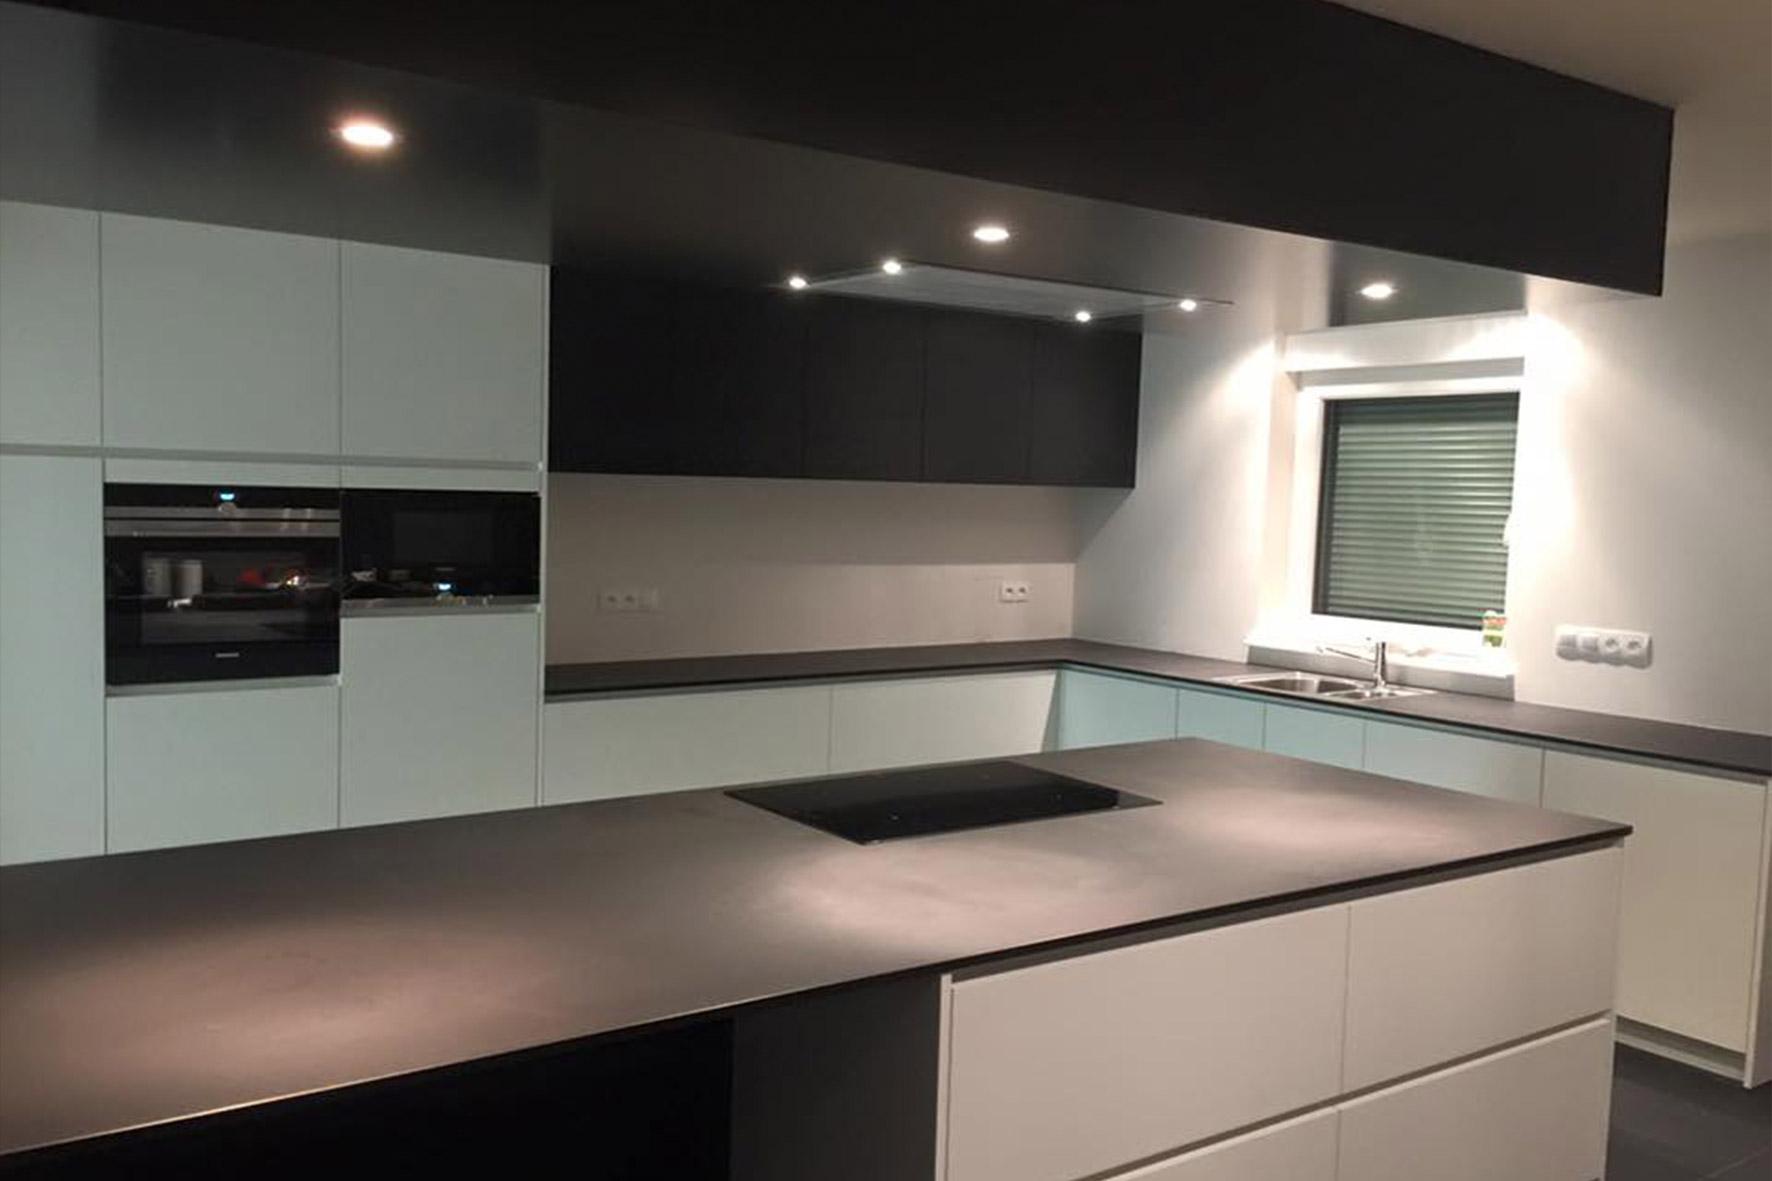 Keuken – mat zwart – Flex Design